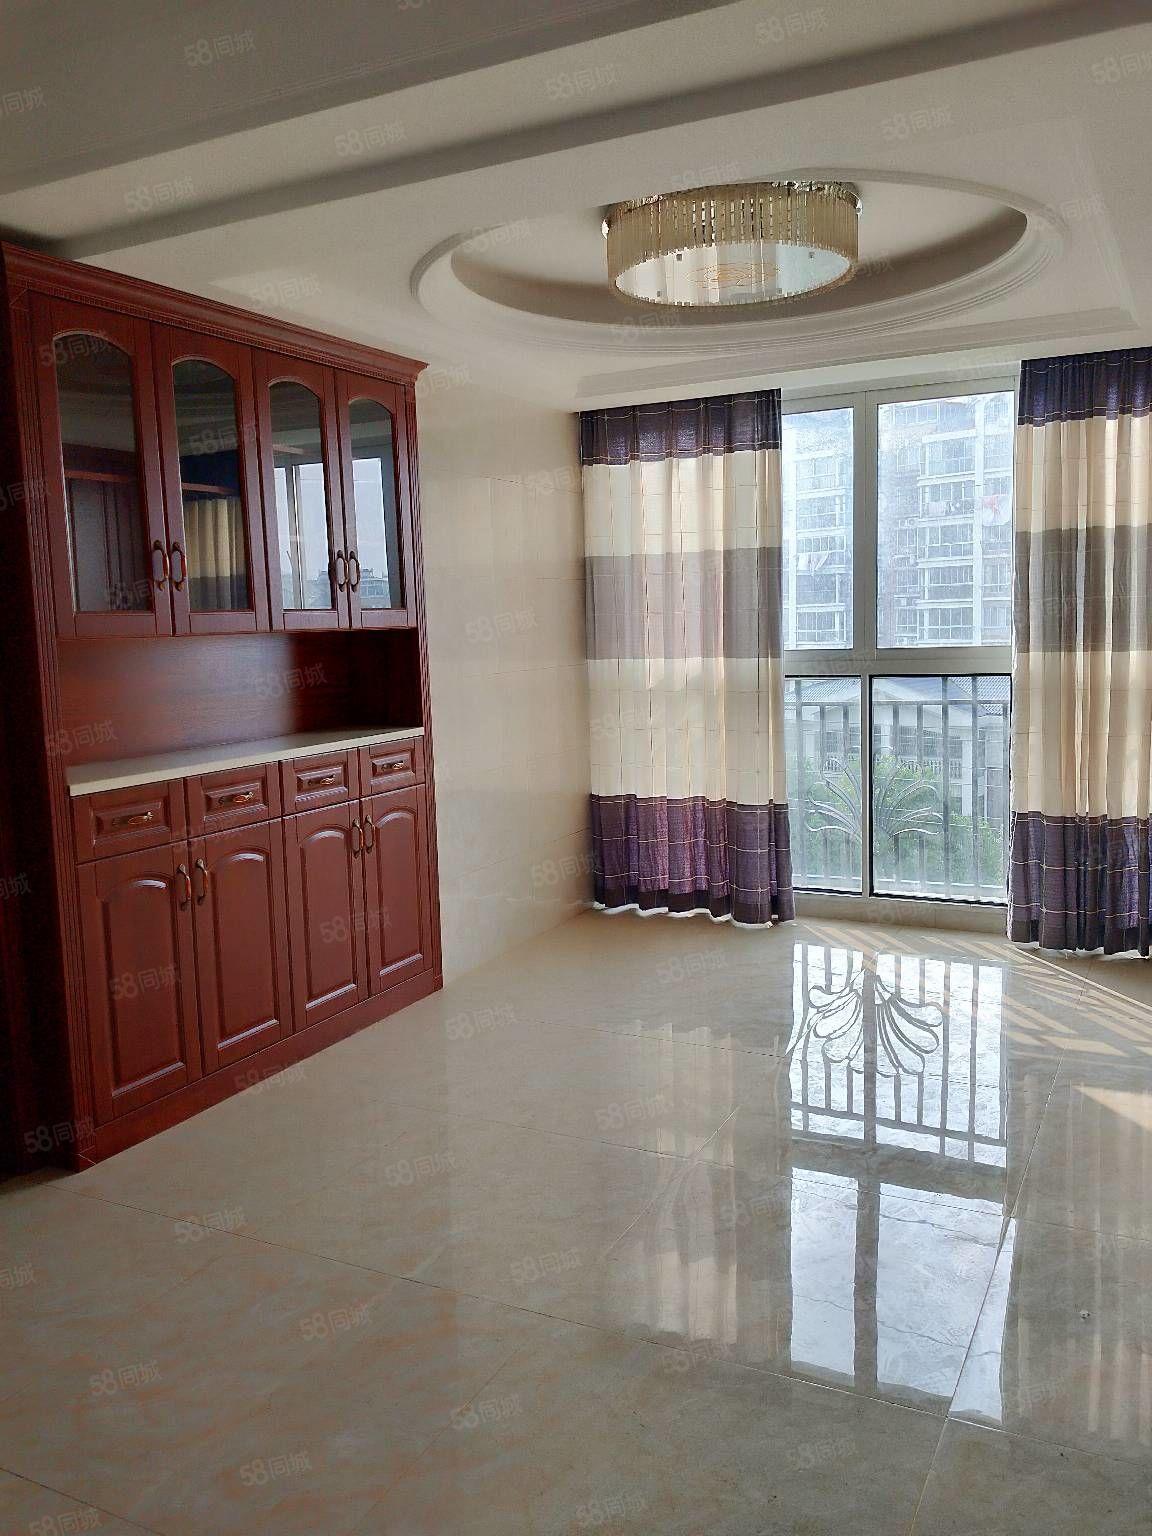 阳光绿城电梯大三房婚房装修房东市区换房急售!看中价格可